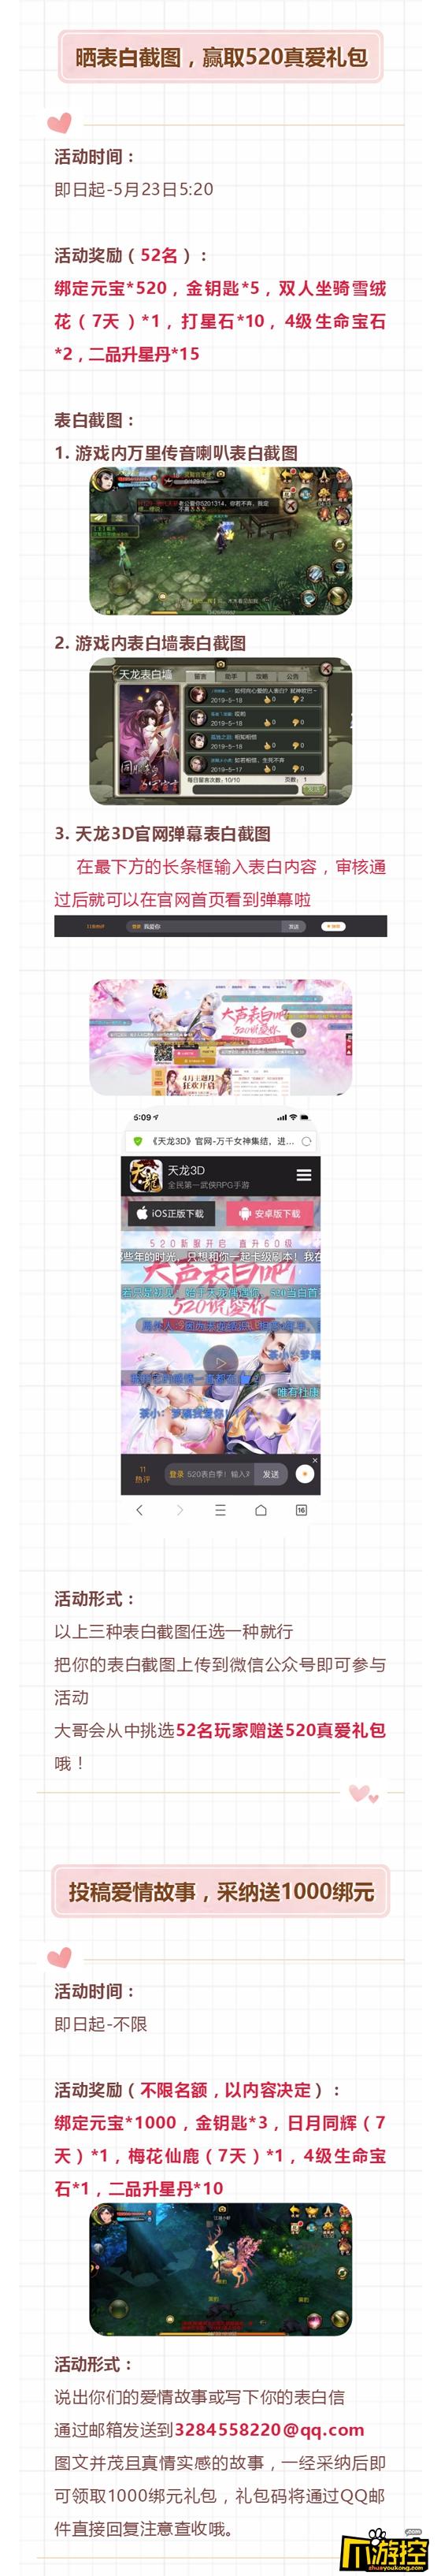 《天龙3D》520官网还能发弹幕!?晒表白截图赢真爱礼